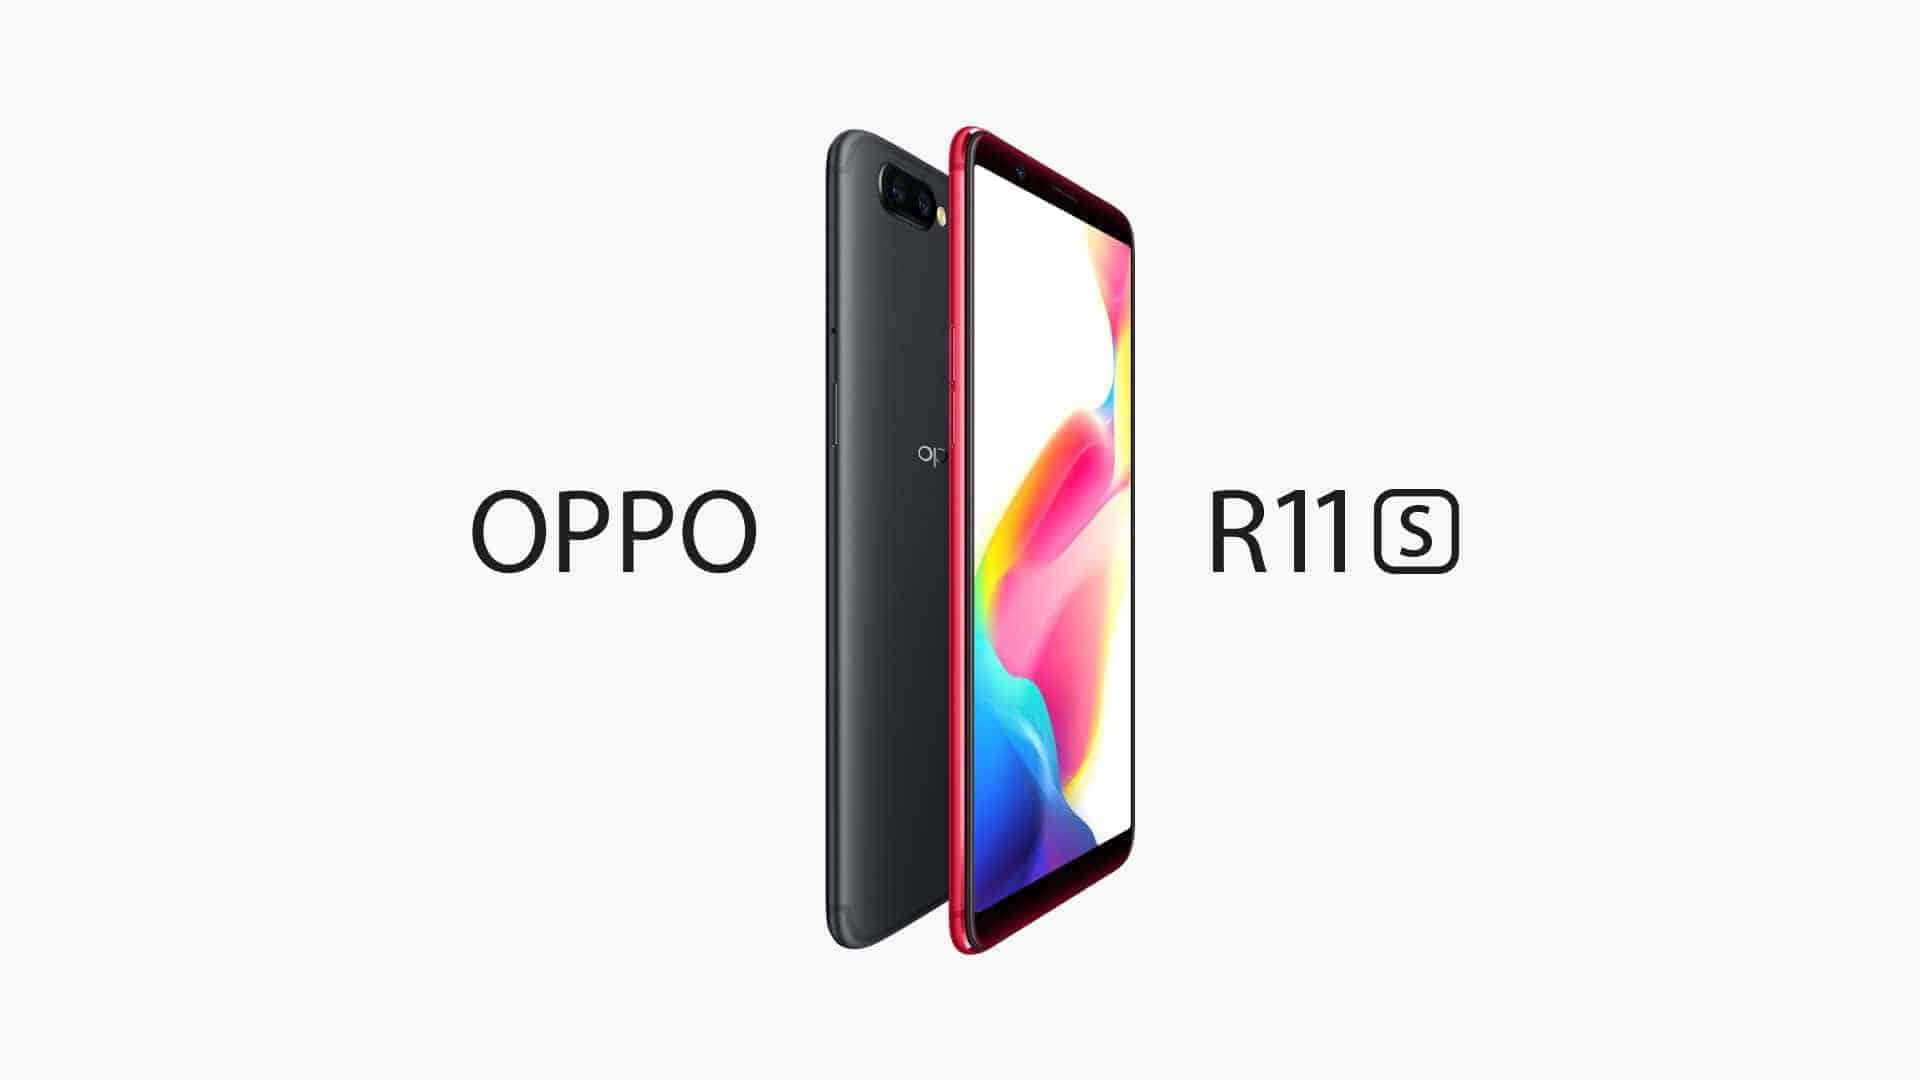 OPPO R11s 5